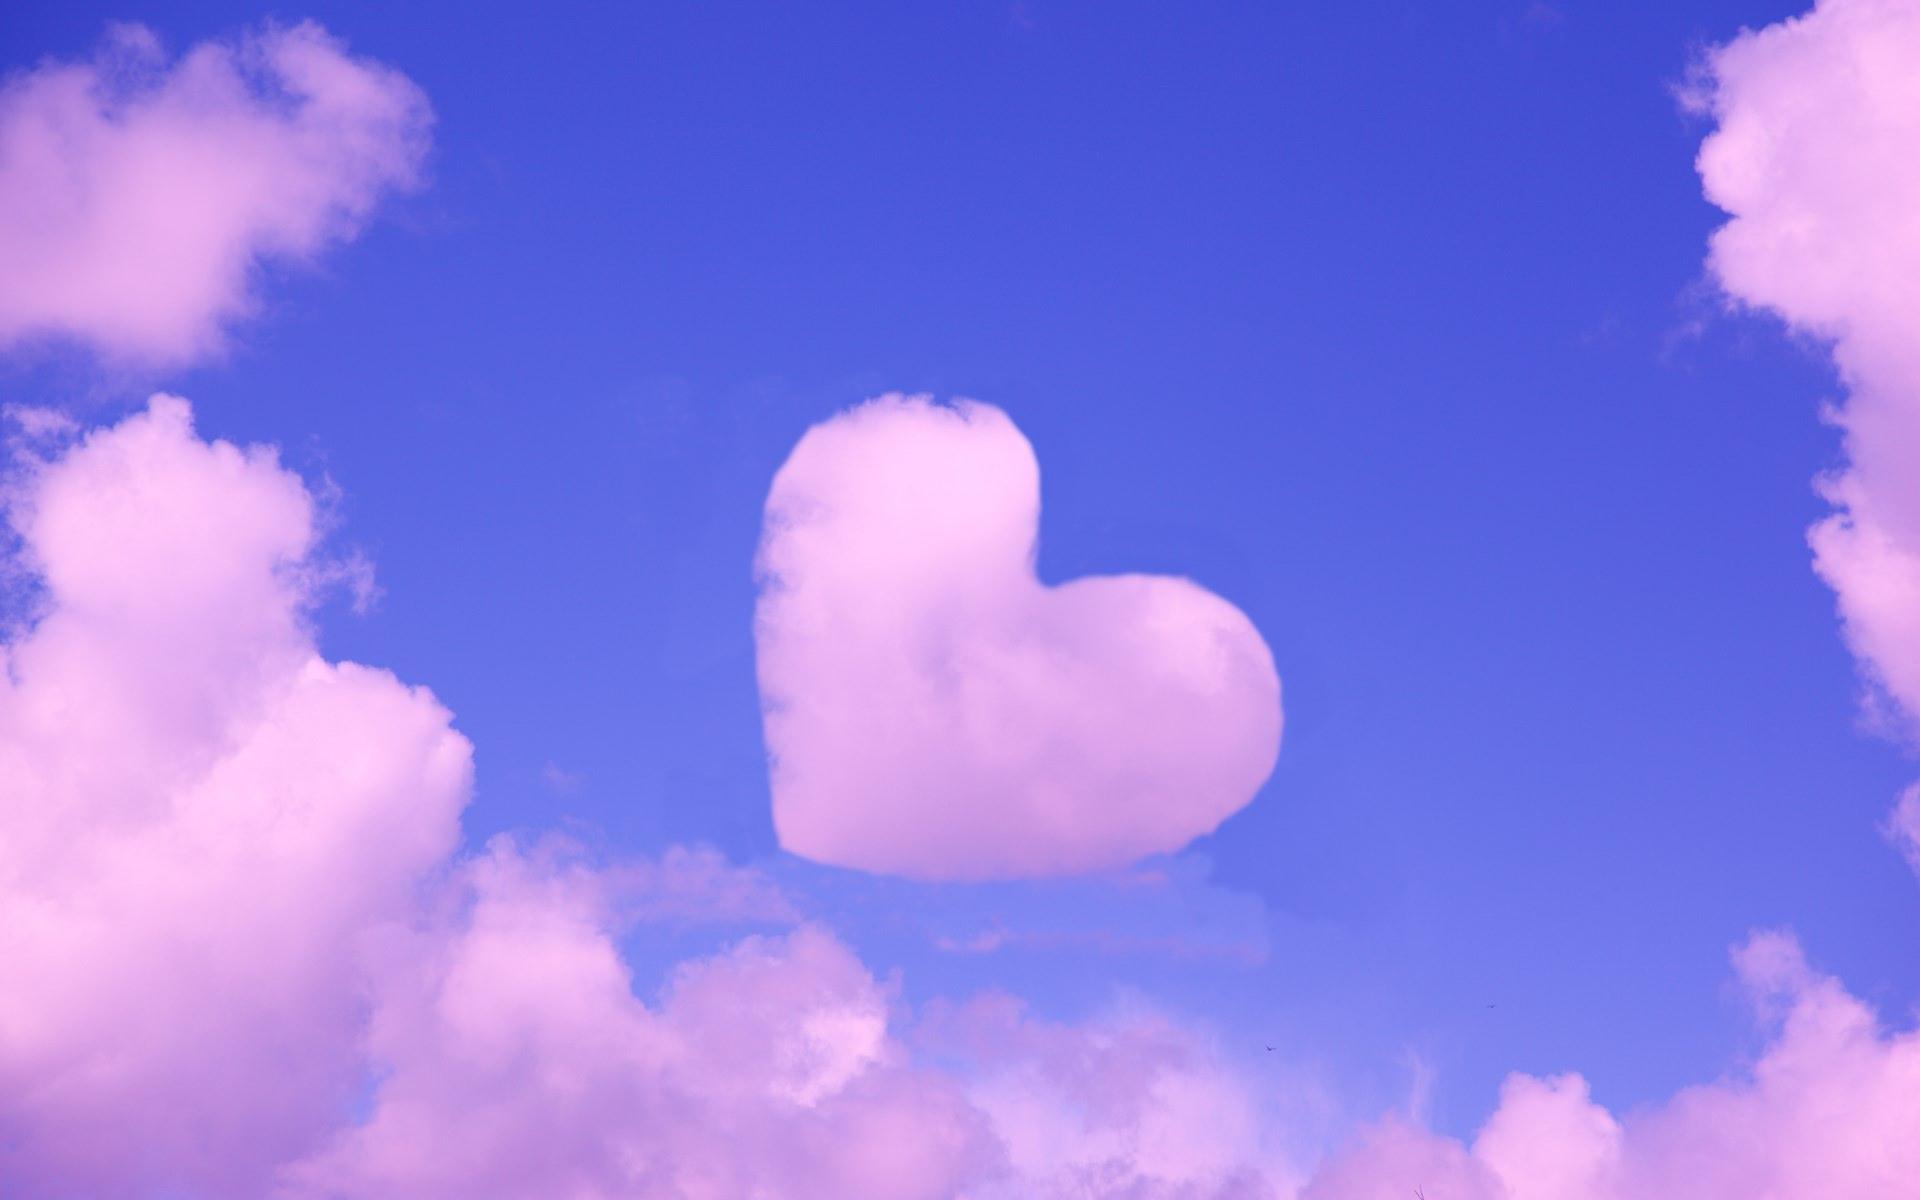 Ảnh mây hình trái tim